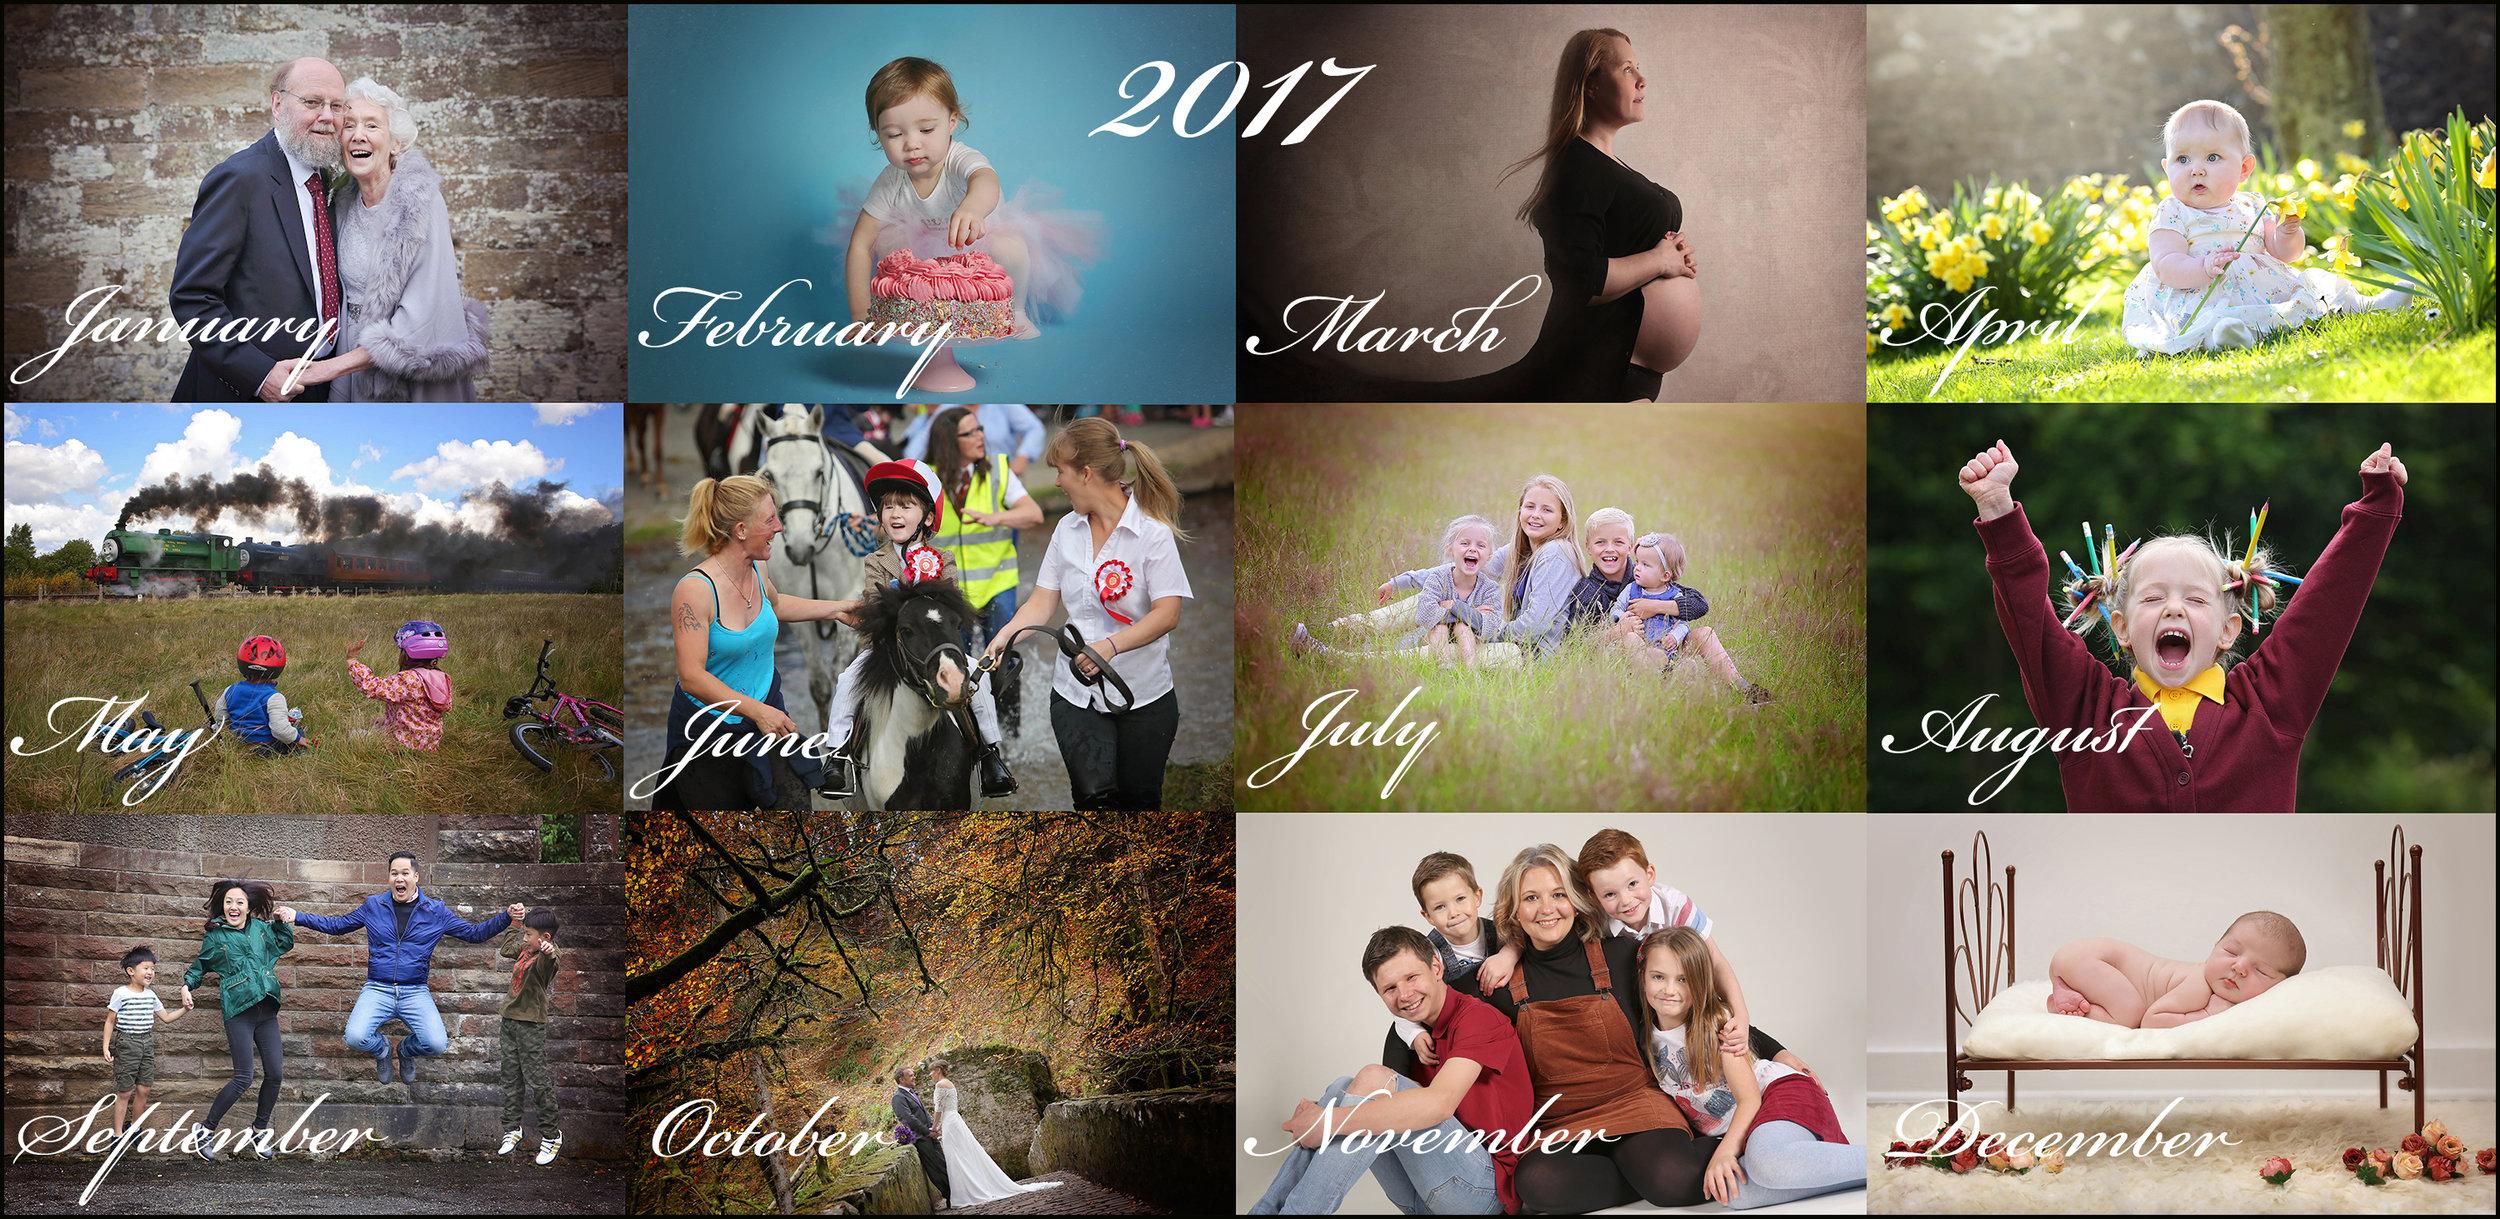 2017 round up month.jpg